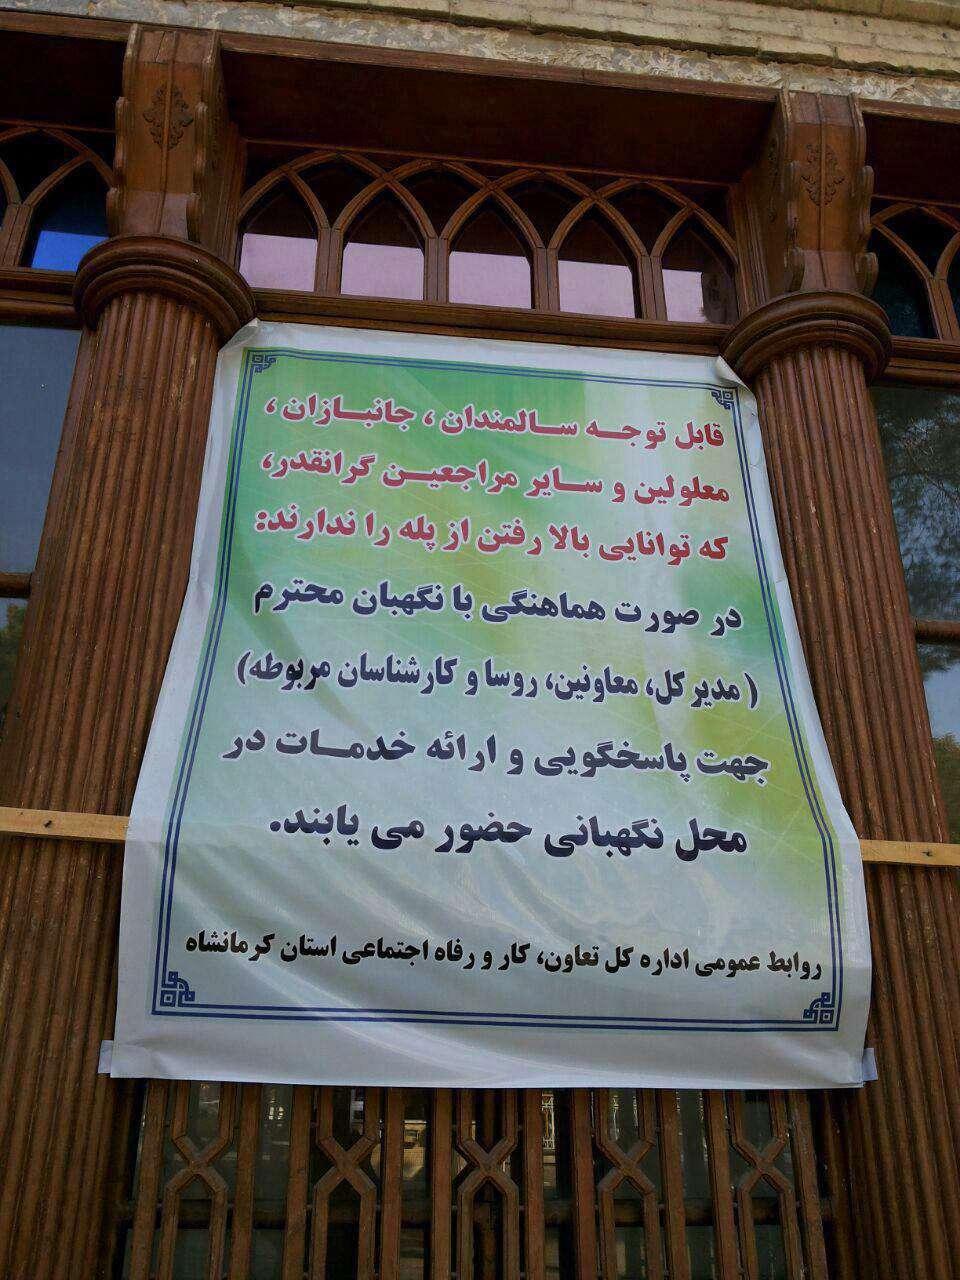 کار خوب مدیر اداره کل تعاون، کار و امور اجتماعی استان کرمانشاه